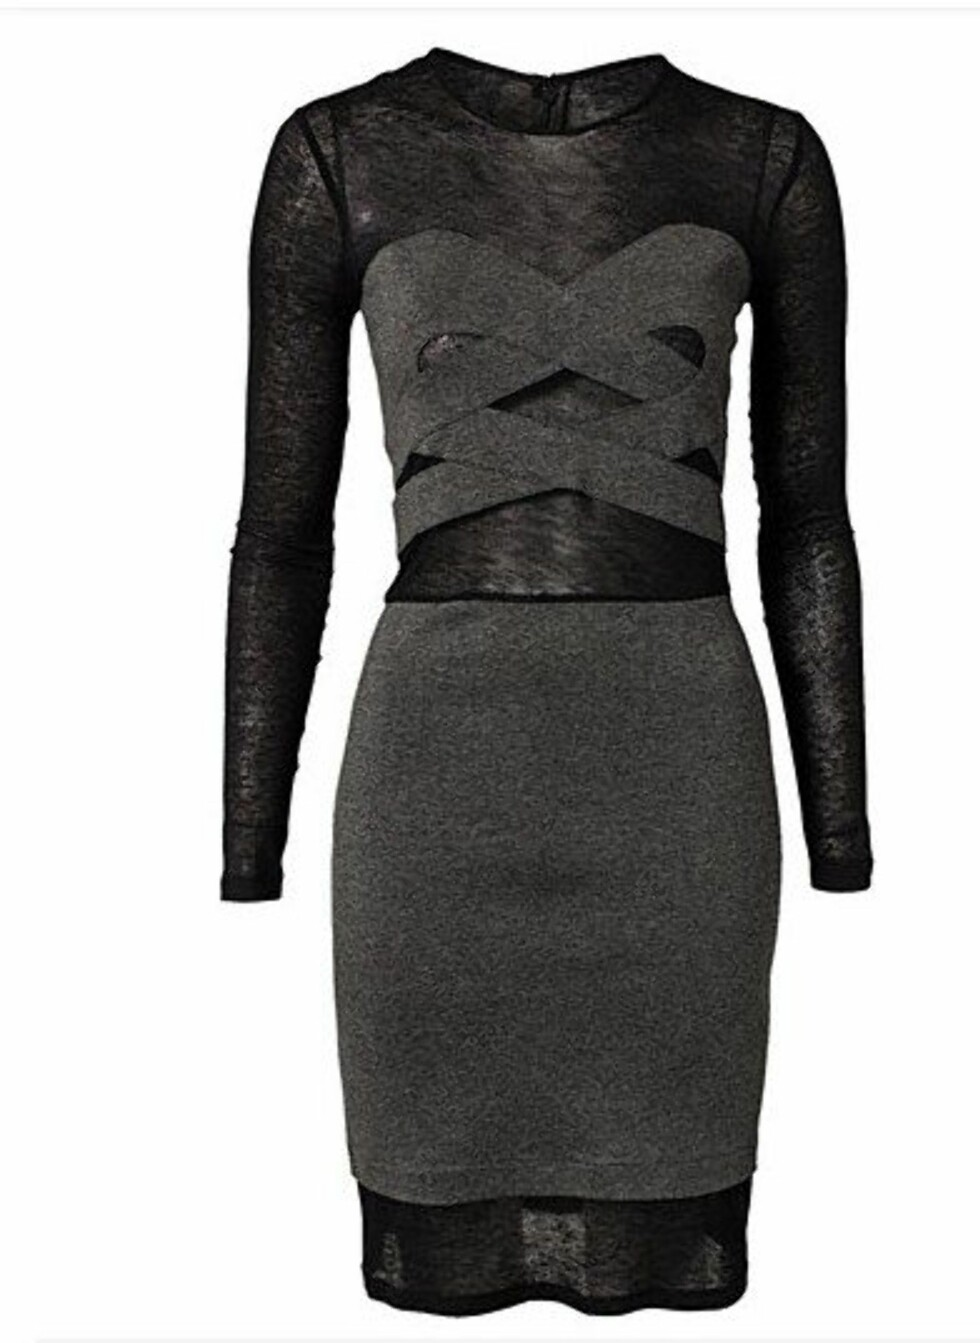 Lekker bondageinspirert kjole fra Designer's Remix. 2095 kroner, Nelly.com.  Foto: Produsenten